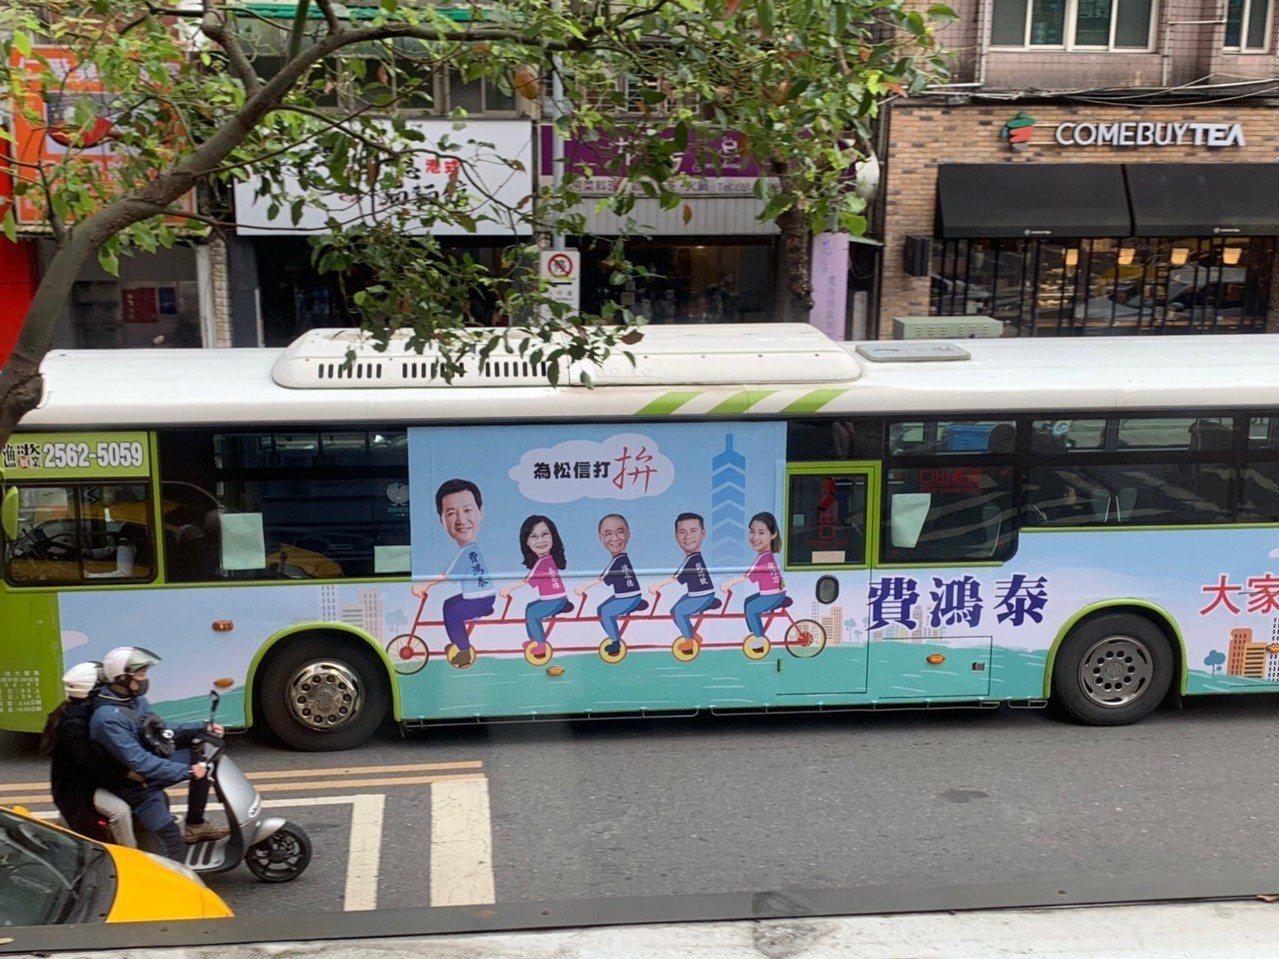 為爭取立委連任,立委費鴻泰近日推出公車廣告,與台北市議員秦慧珠、陳永德、戴錫欽、...